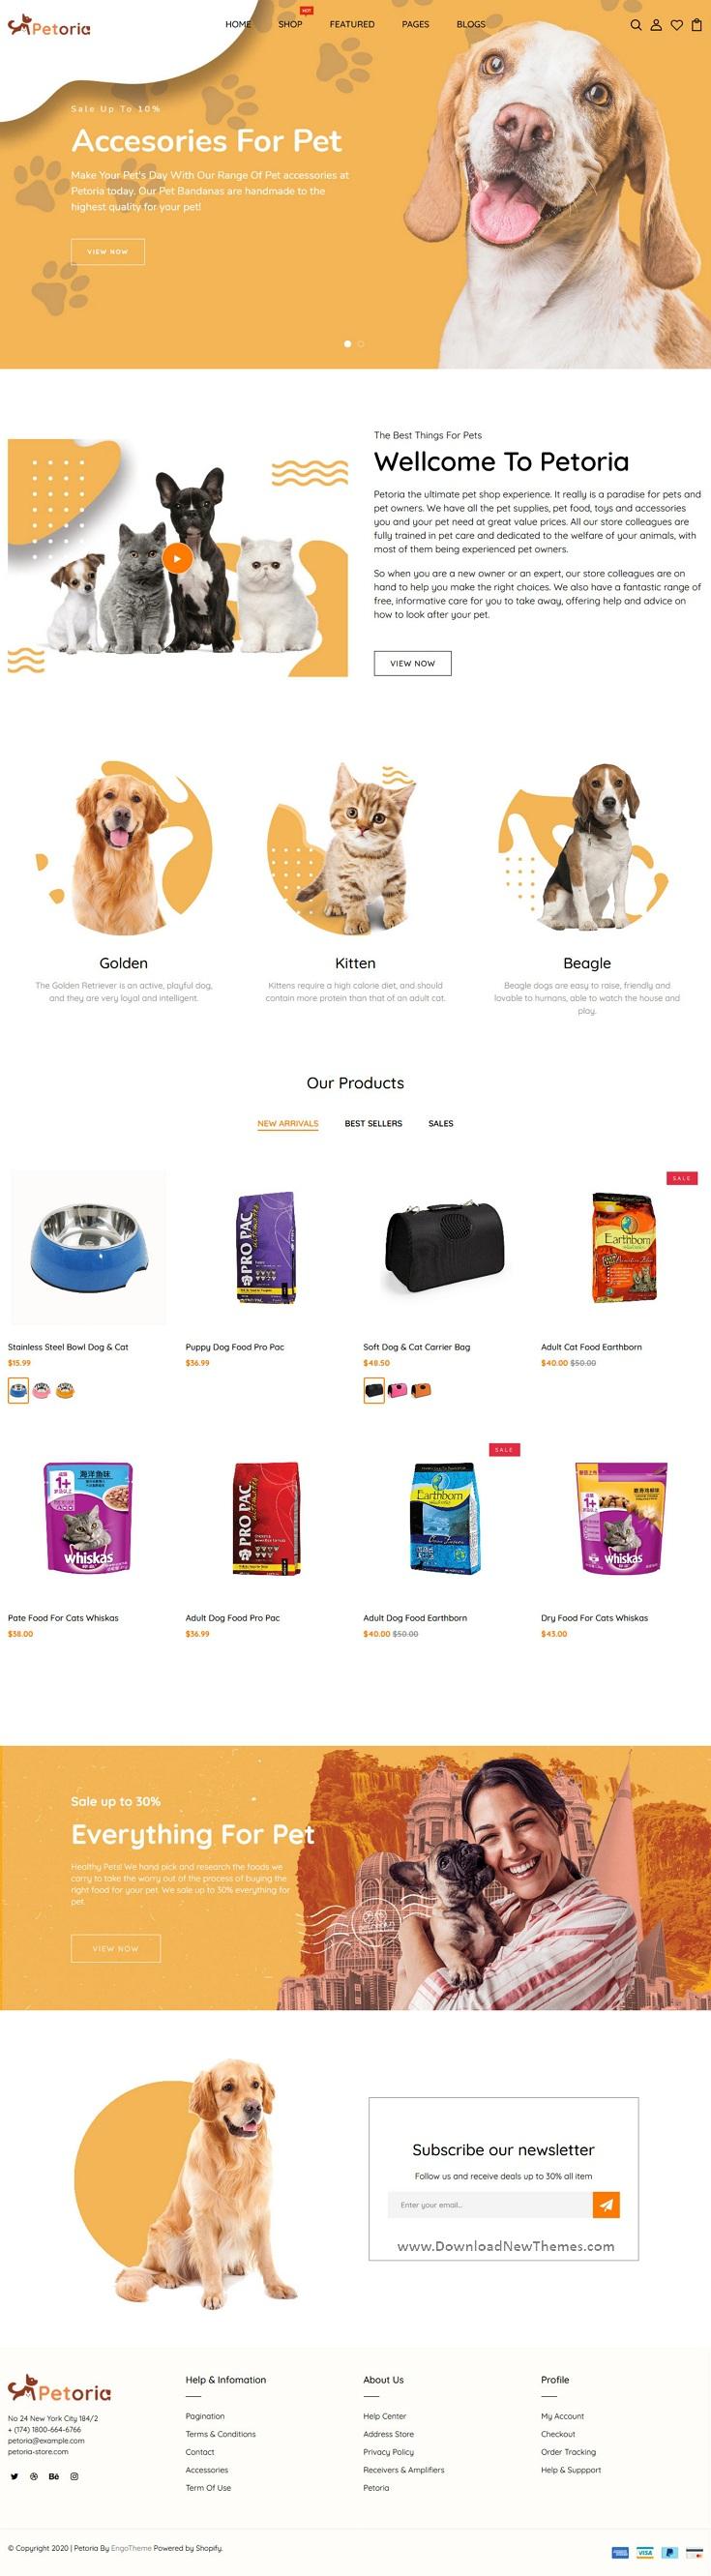 Pet Shop & Pet Care Responsive Shopify Theme